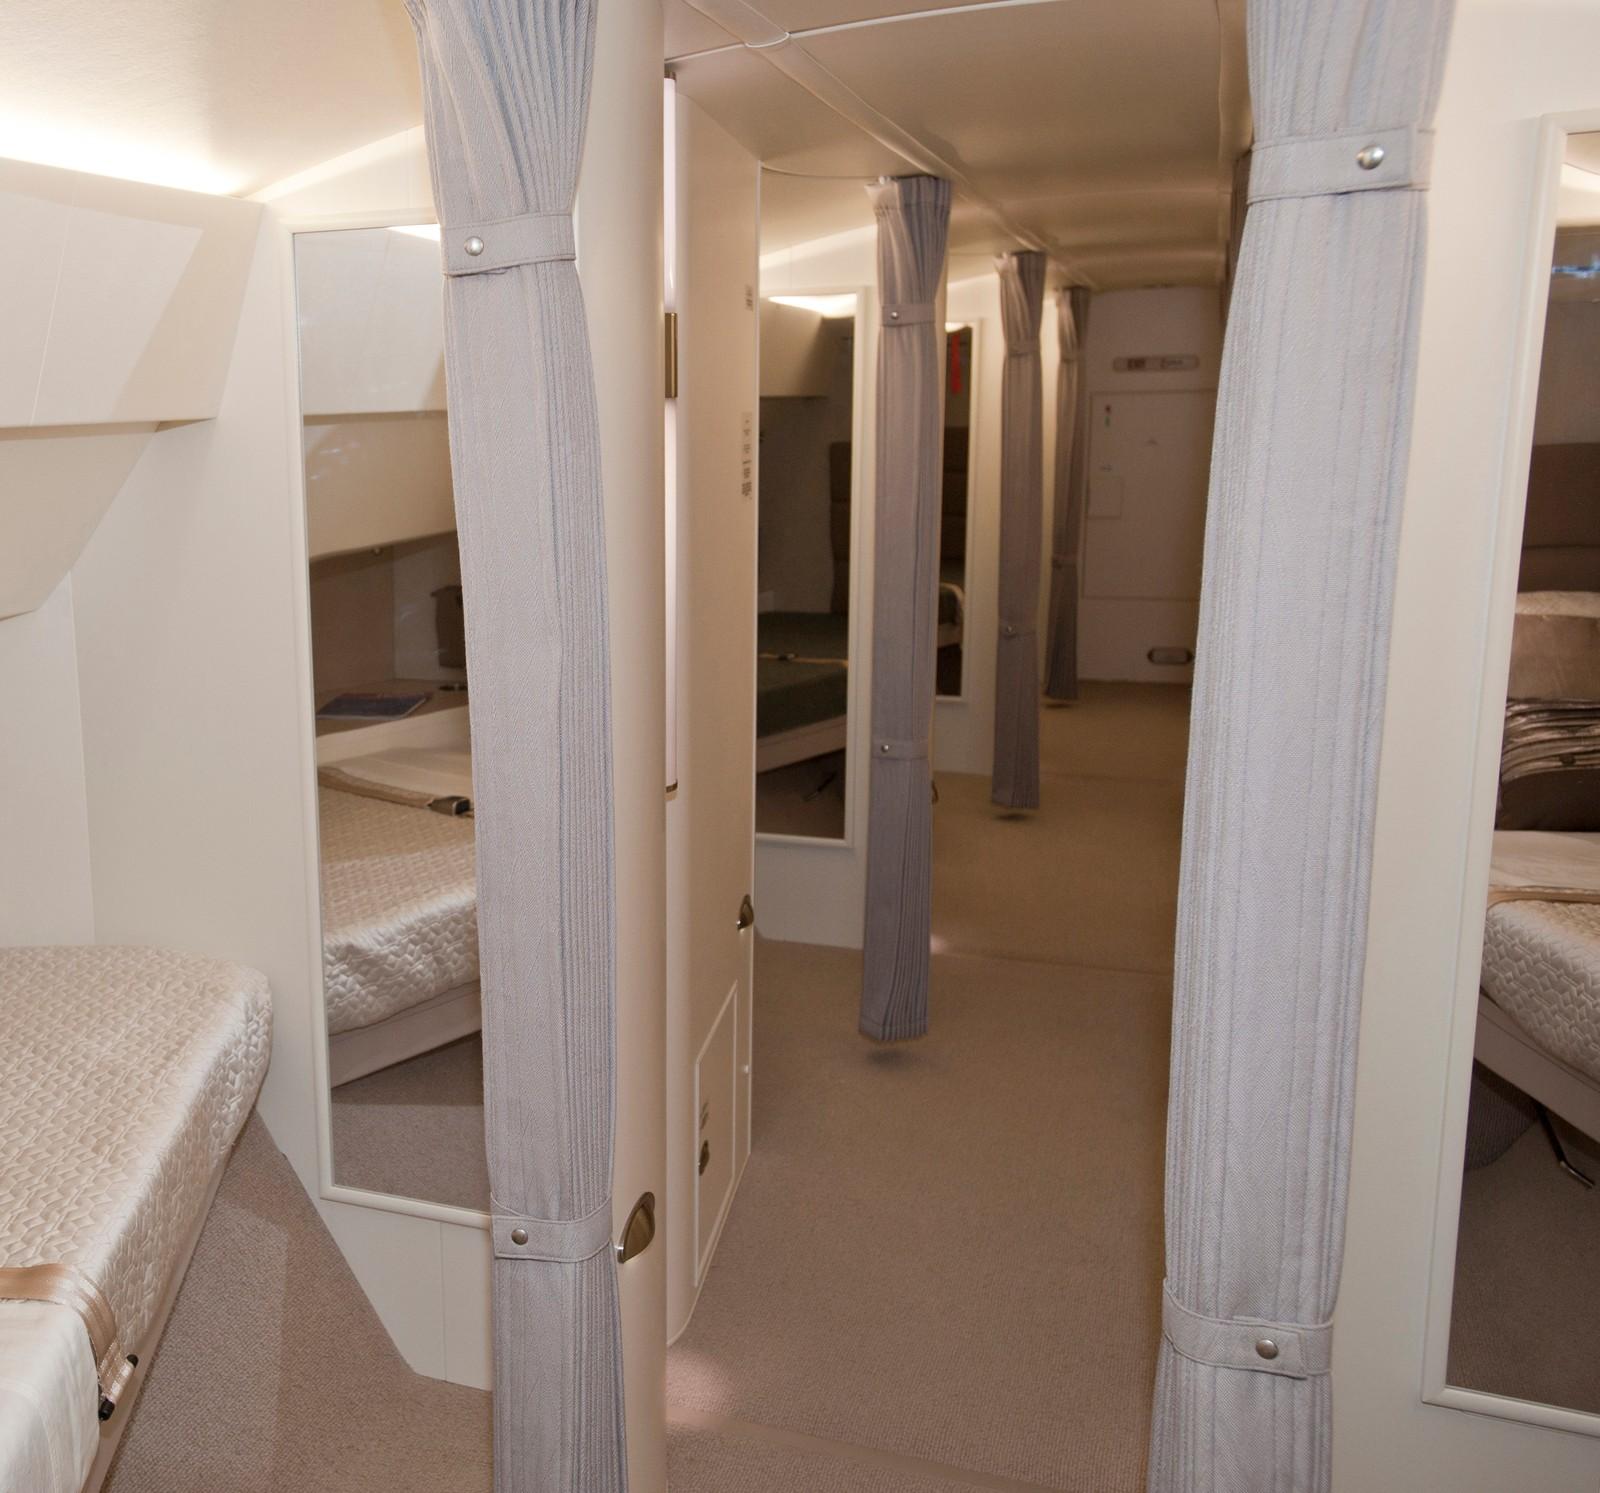 Flere av 747-luksusutgavene inneholder et eget ekstra loft med åtte private soveområder, skifterom og avslapningsområde.